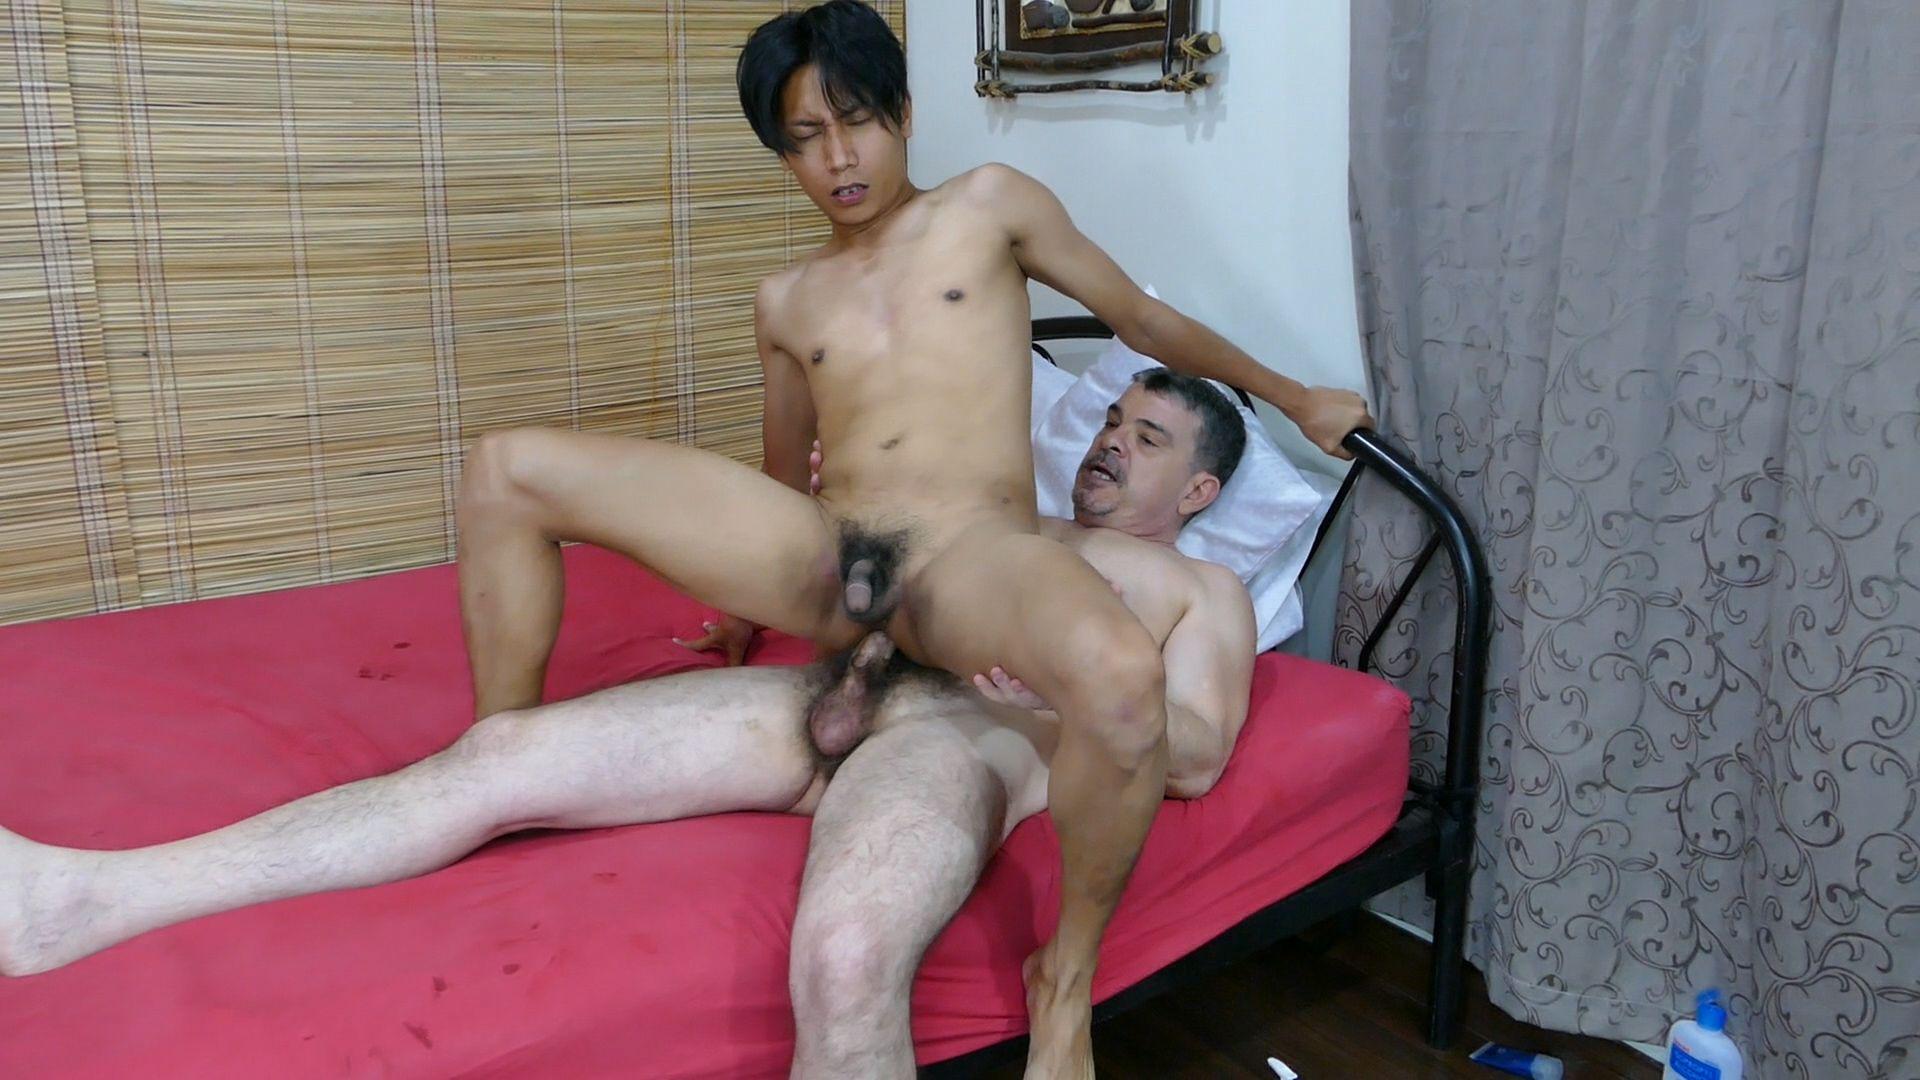 Douglass nude dad fuck asian cumqueen rachel